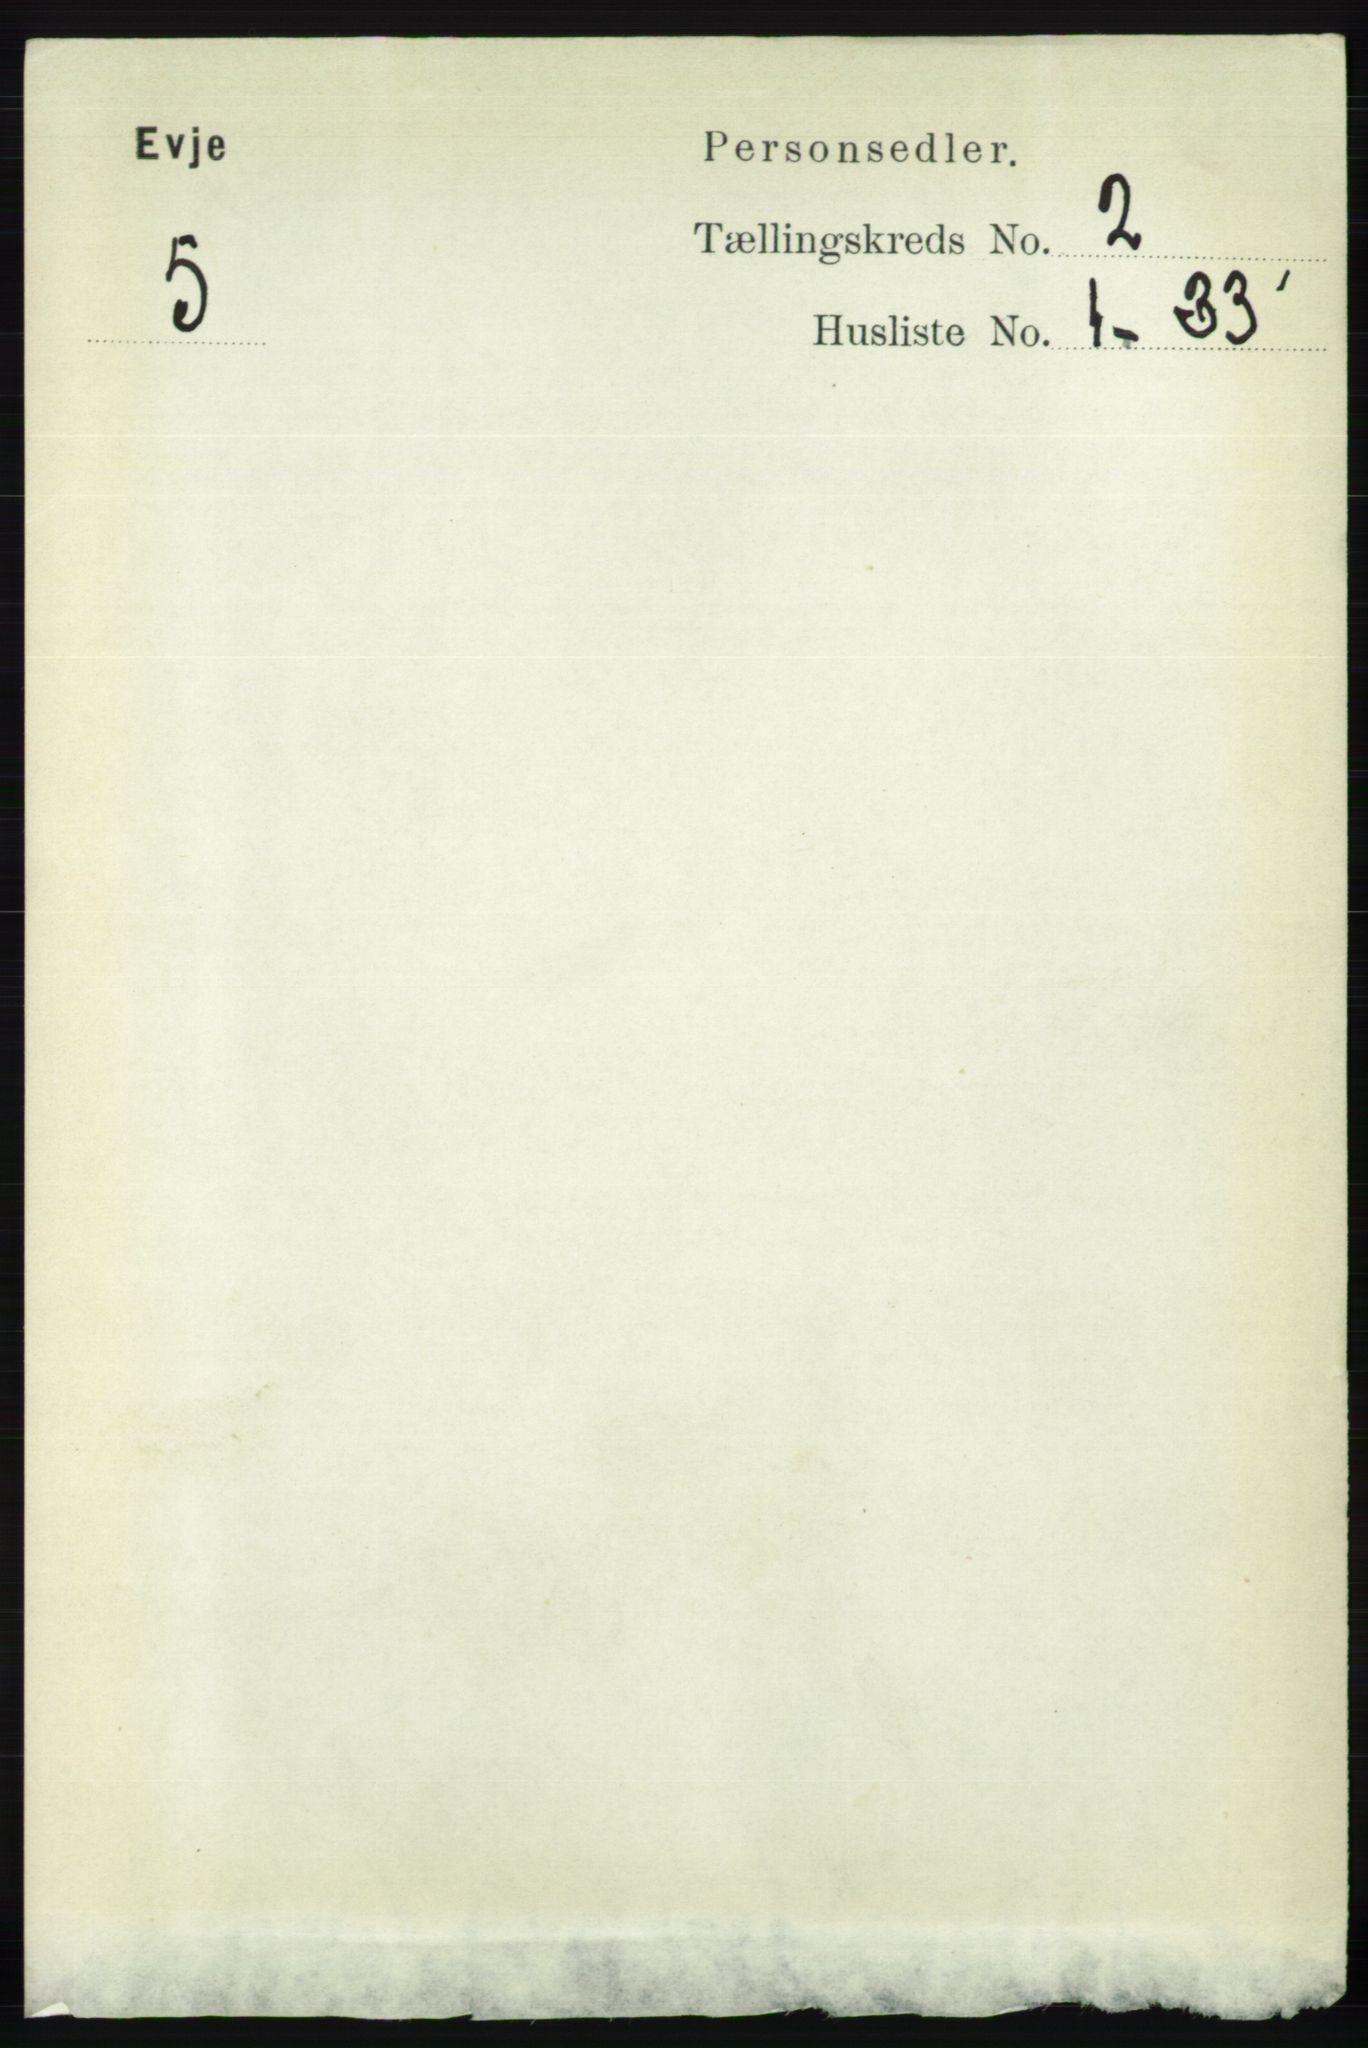 RA, Folketelling 1891 for 0937 Evje herred, 1891, s. 370